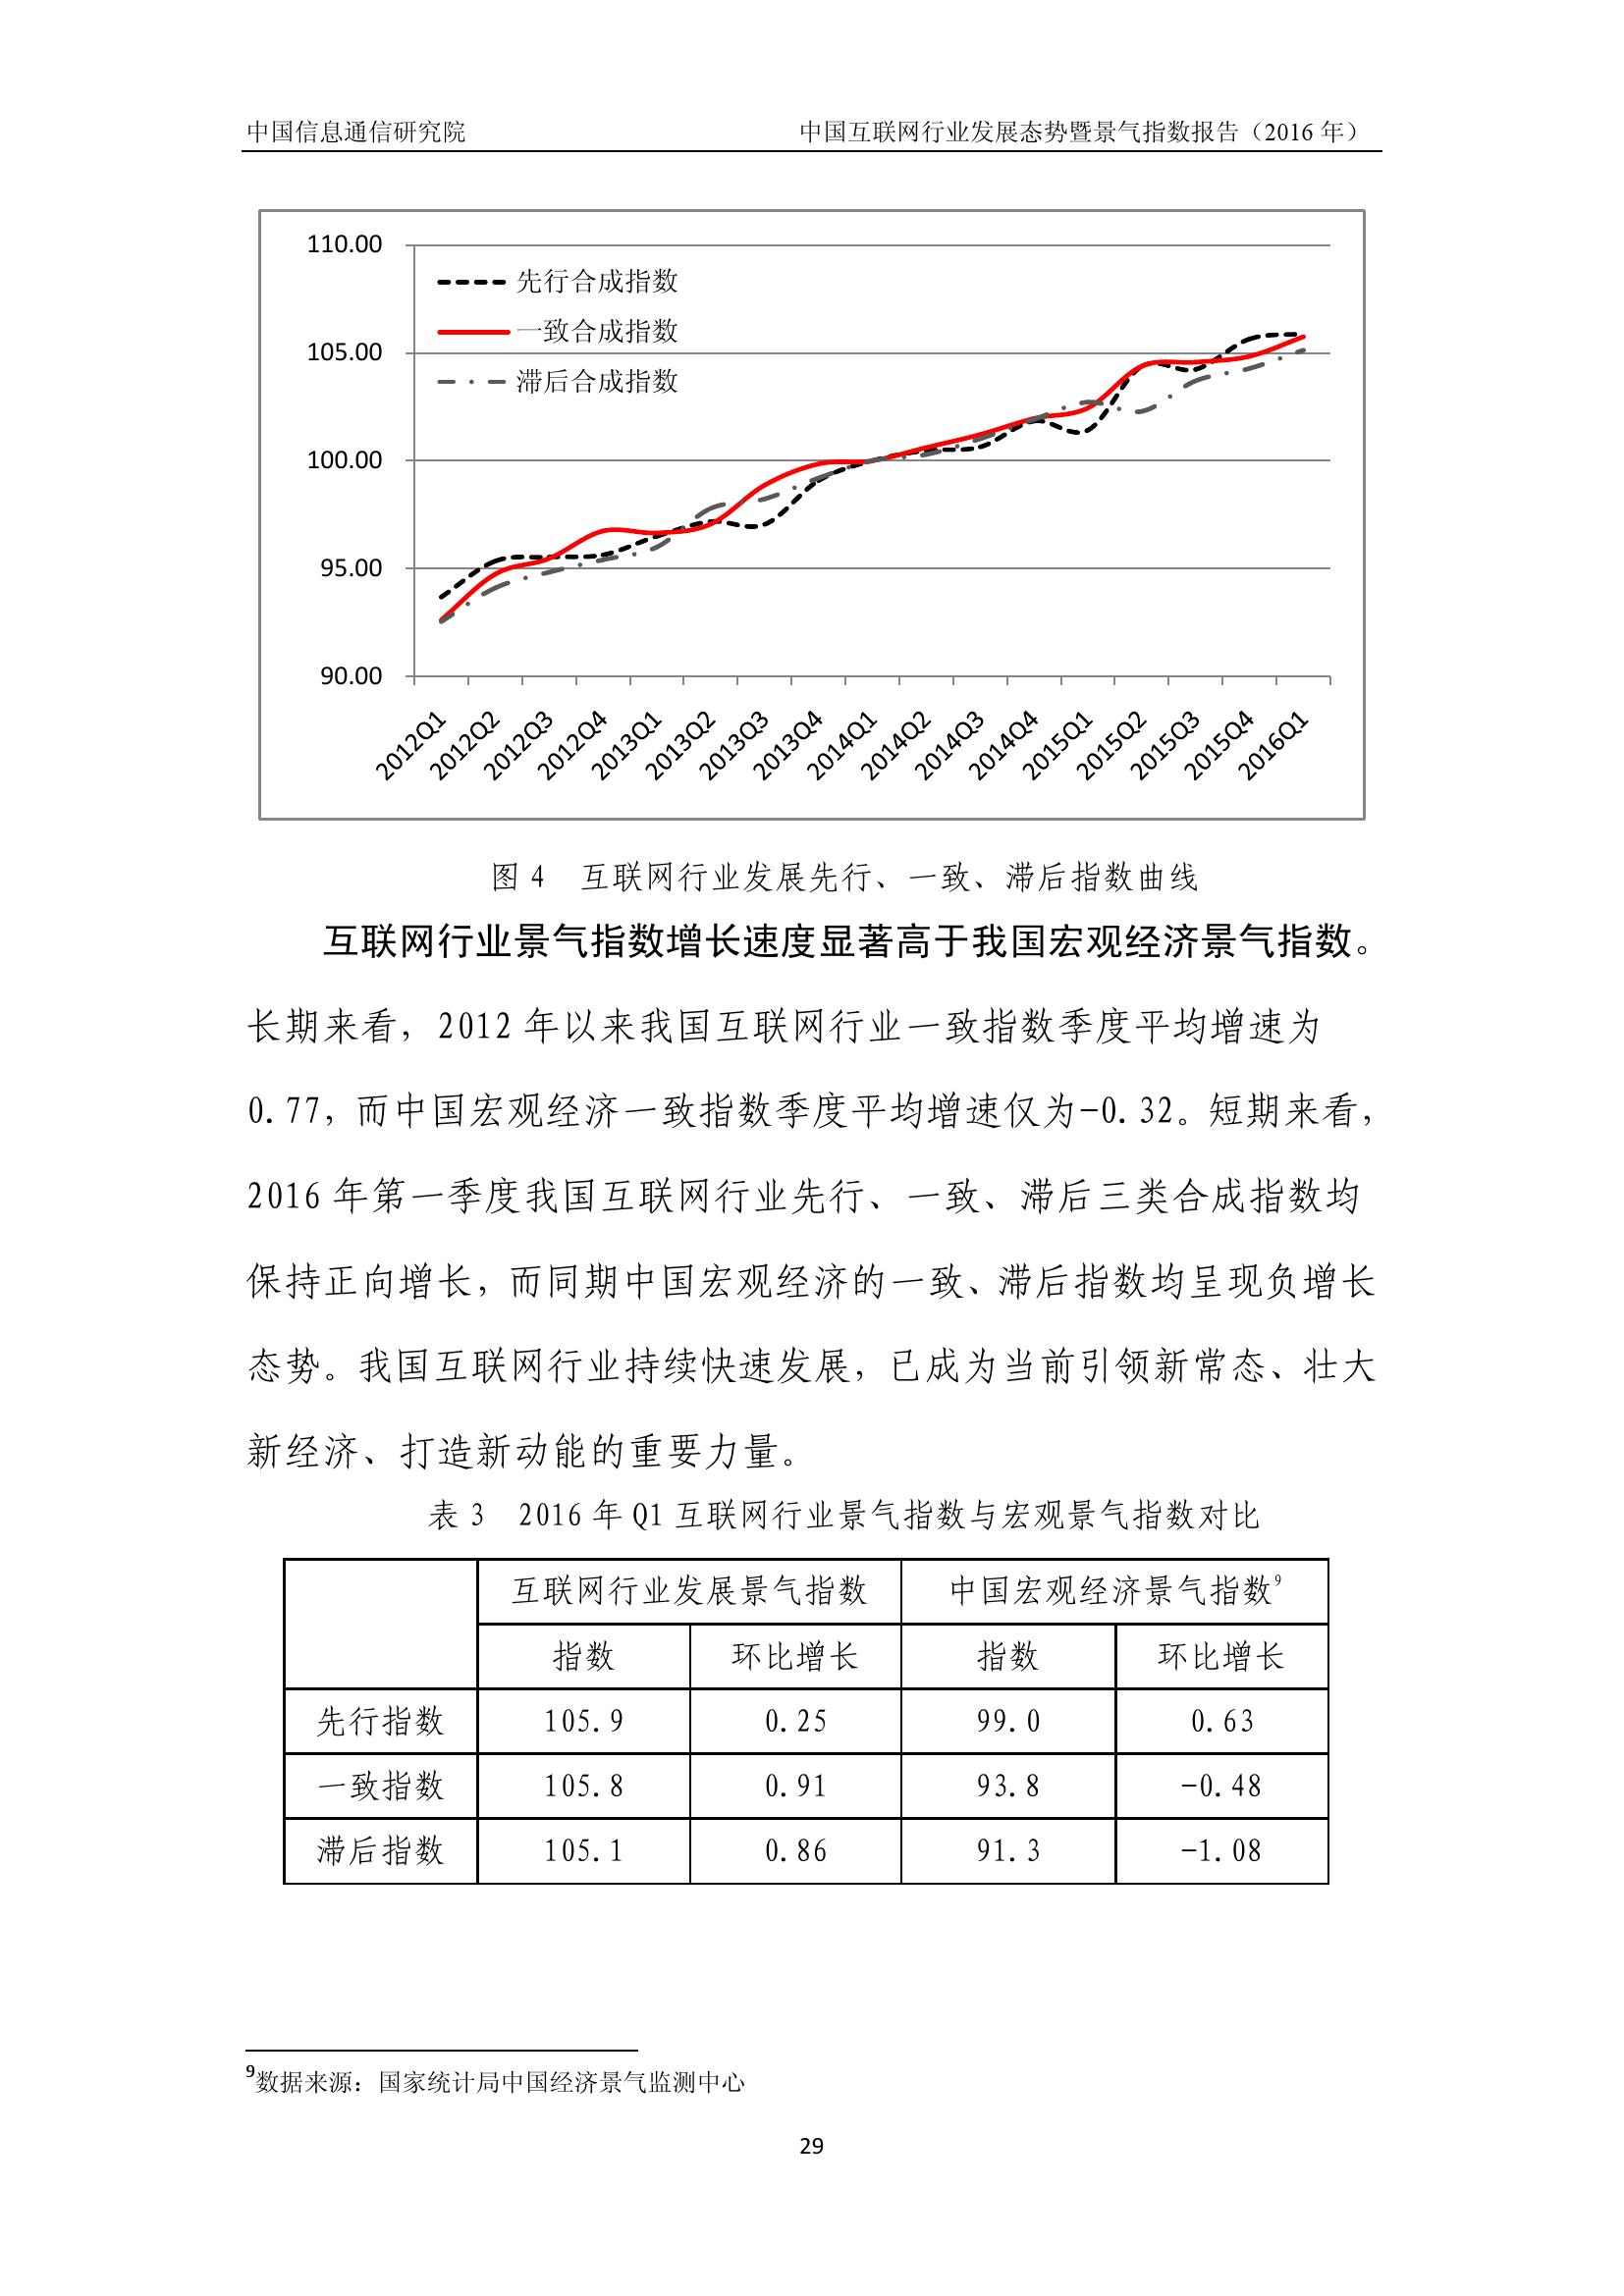 2016年中国互联网行业发展态势暨景气指数报告_000033